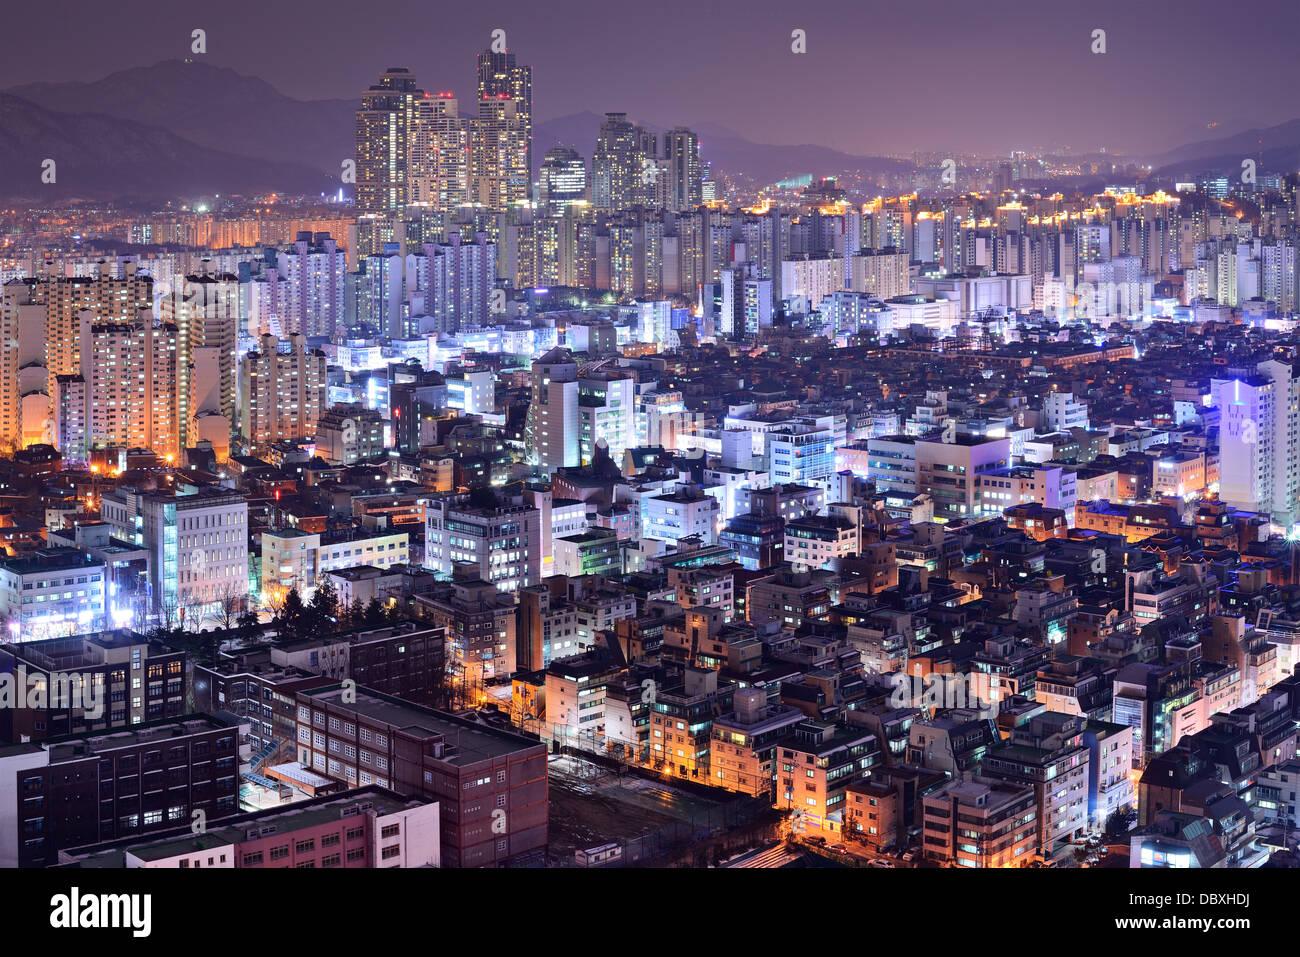 Alta residencial se eleva en el distrito de Gangnam de Seúl, Corea del Sur skyline en la noche. Imagen De Stock